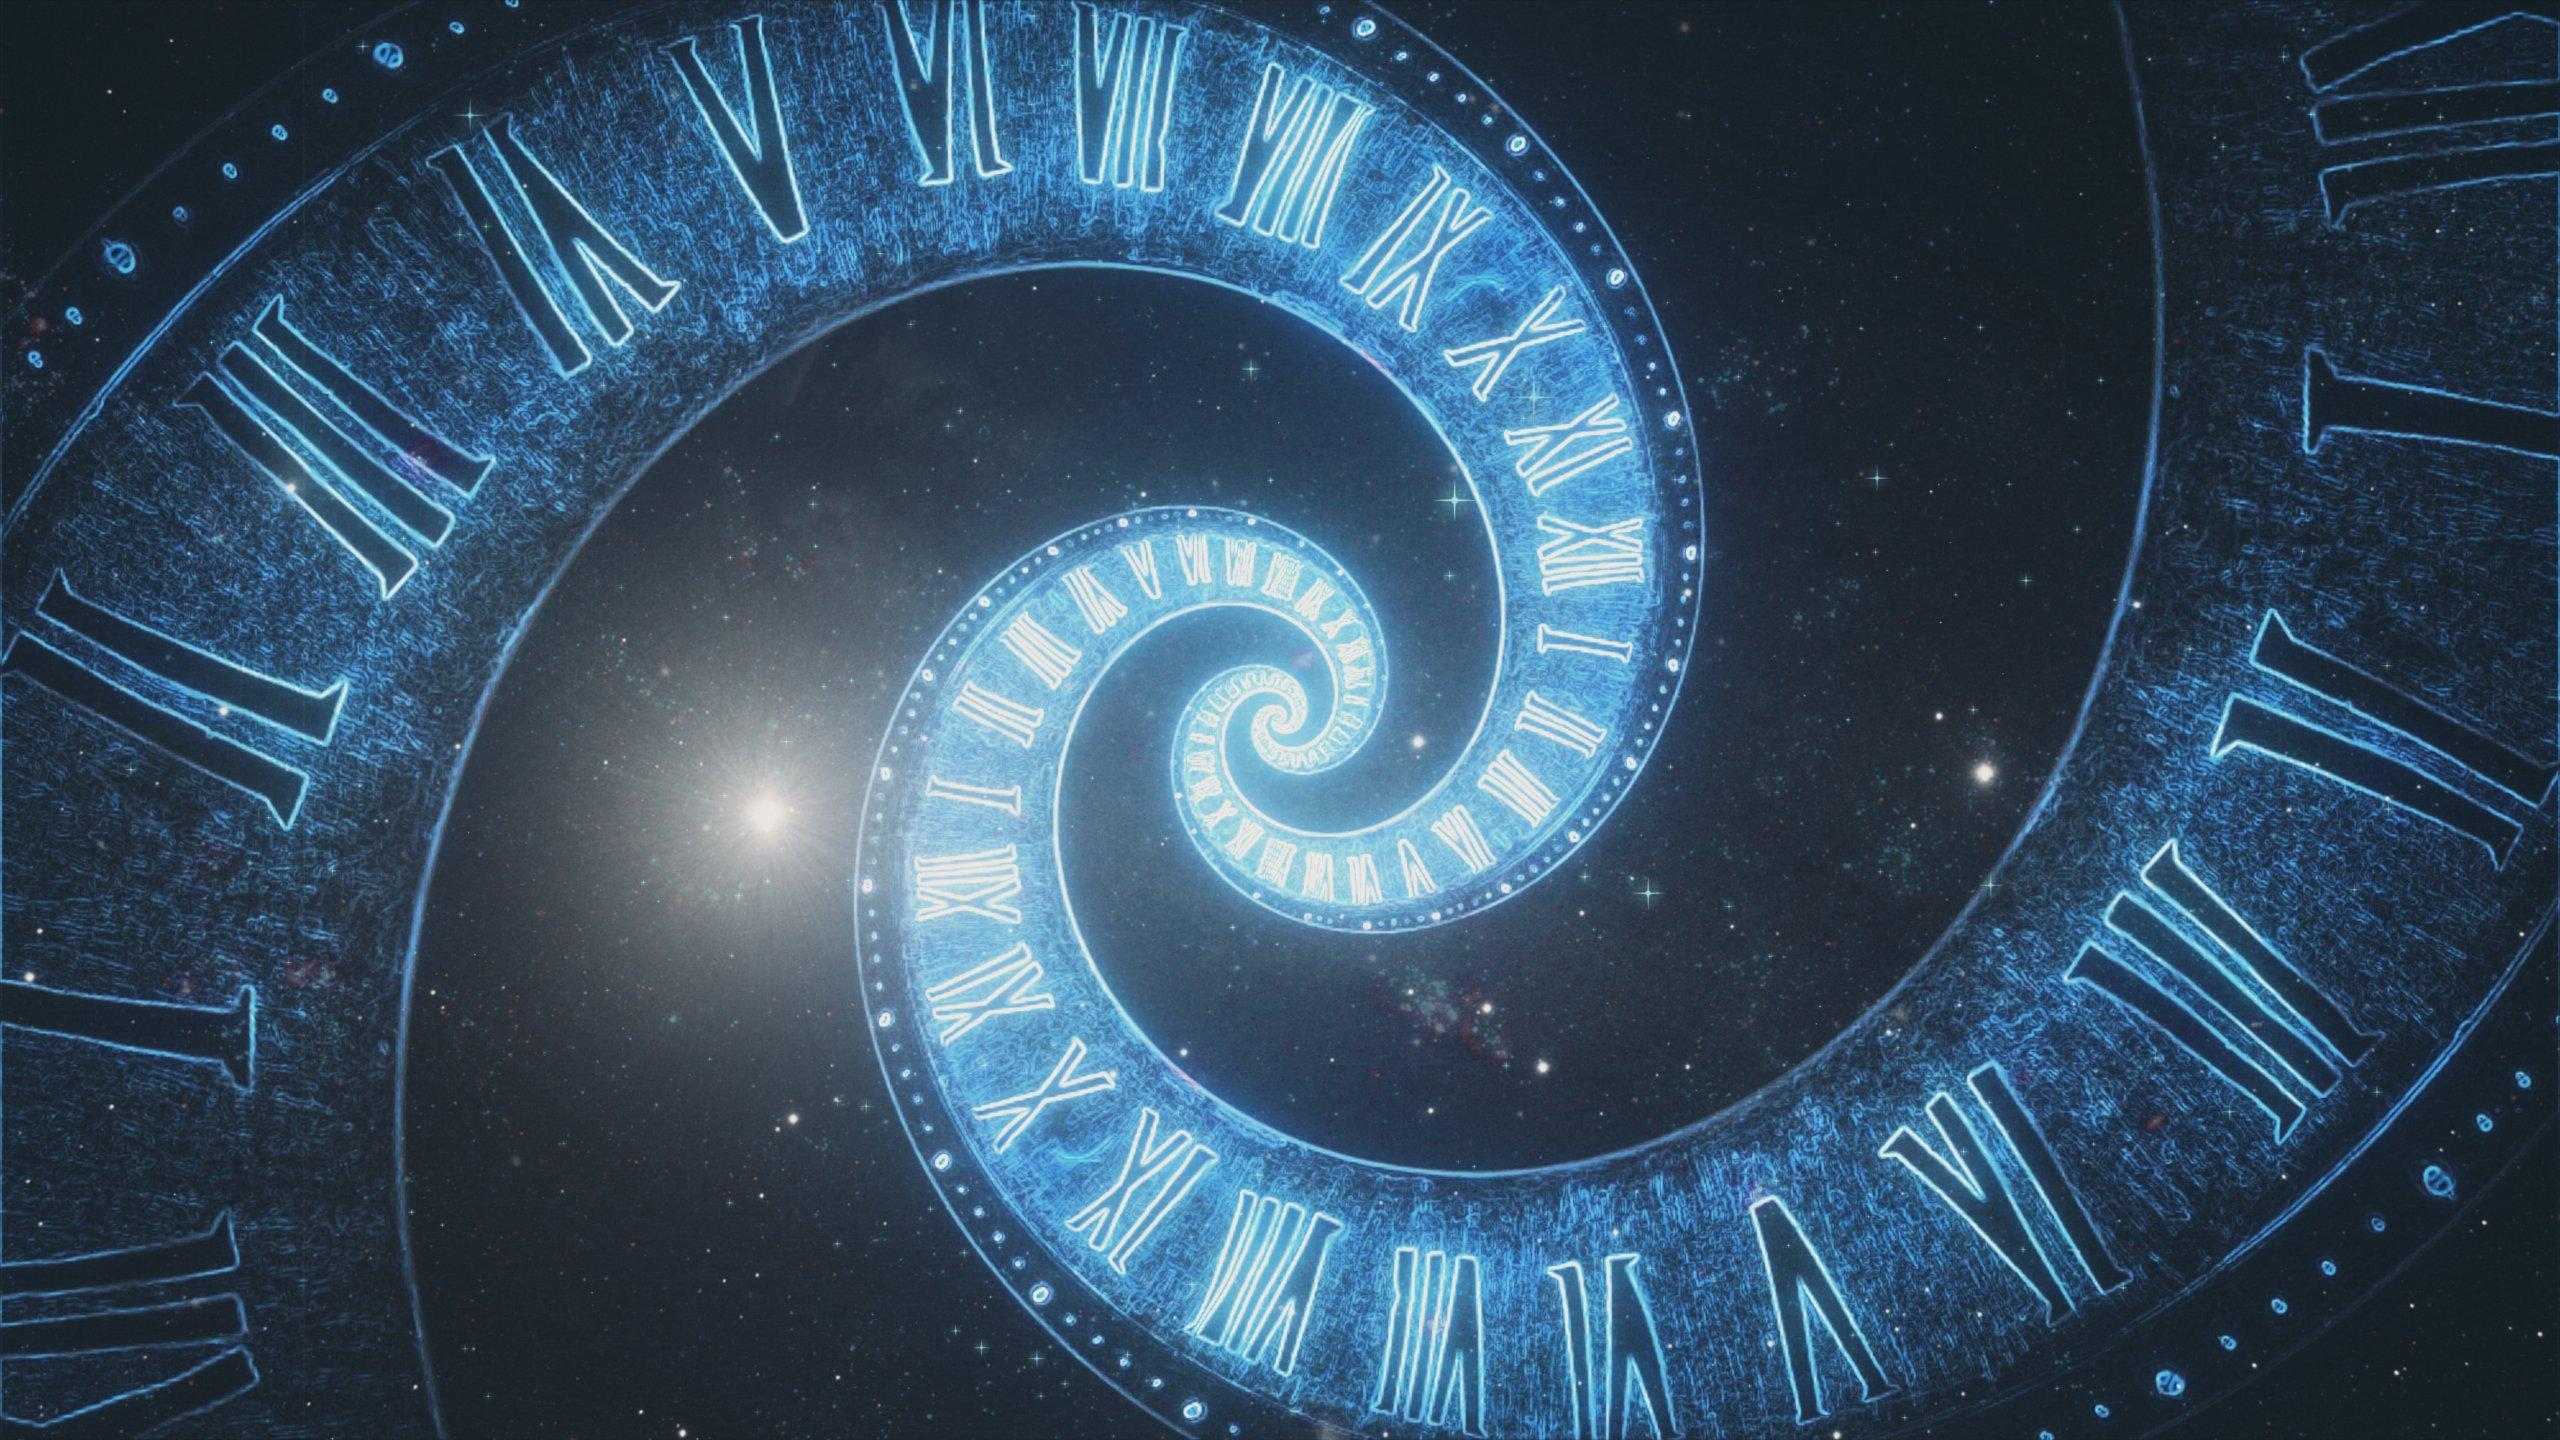 Spirale mit römischen Ziffern